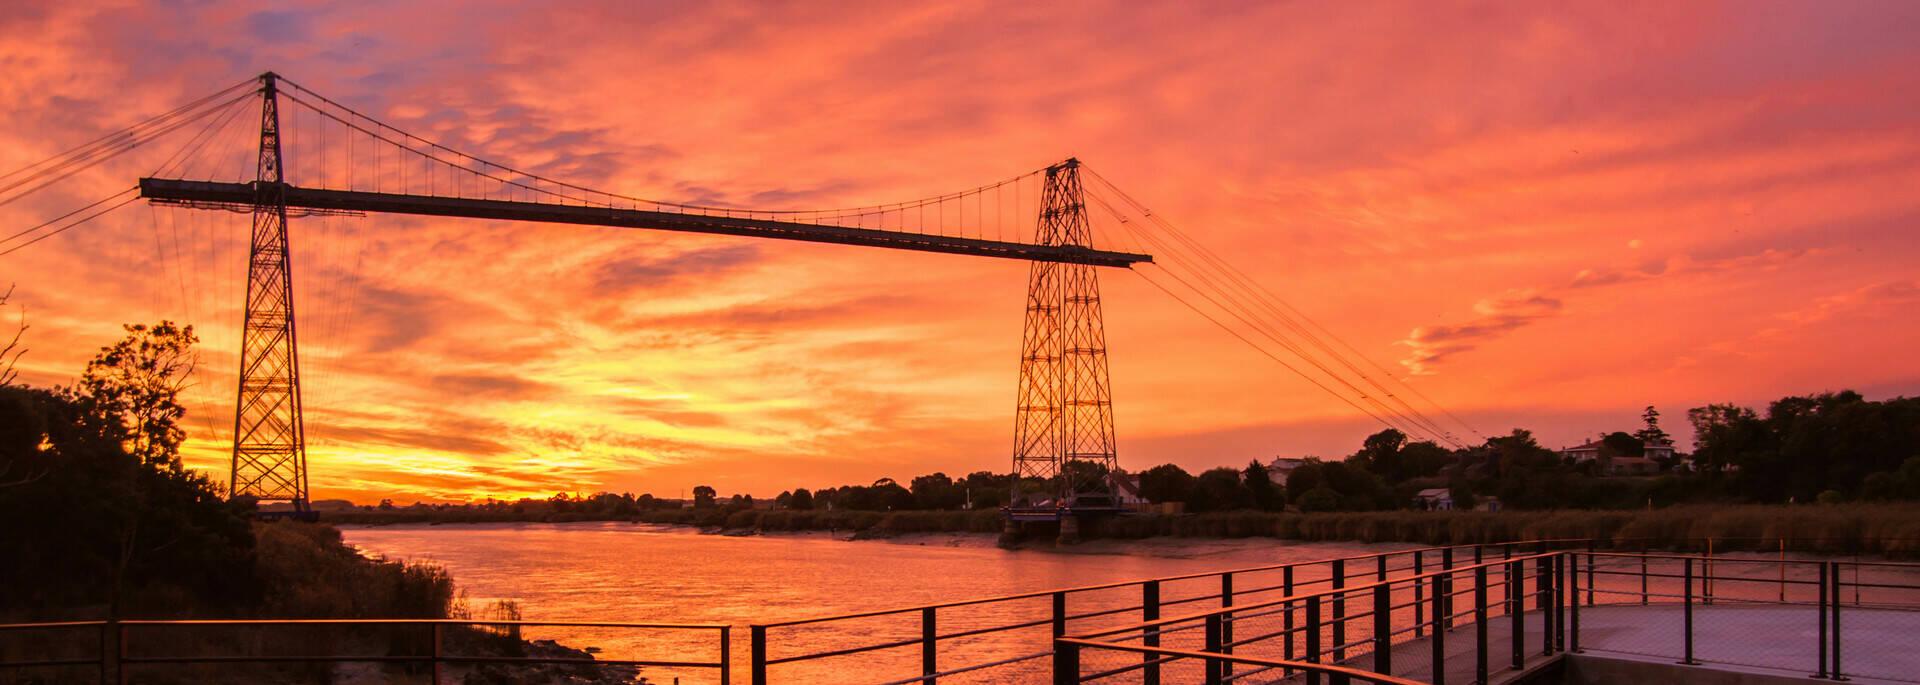 Coucher de soleil sur le Pont Transbordeur d'Echillais - © Laurent Pétillon